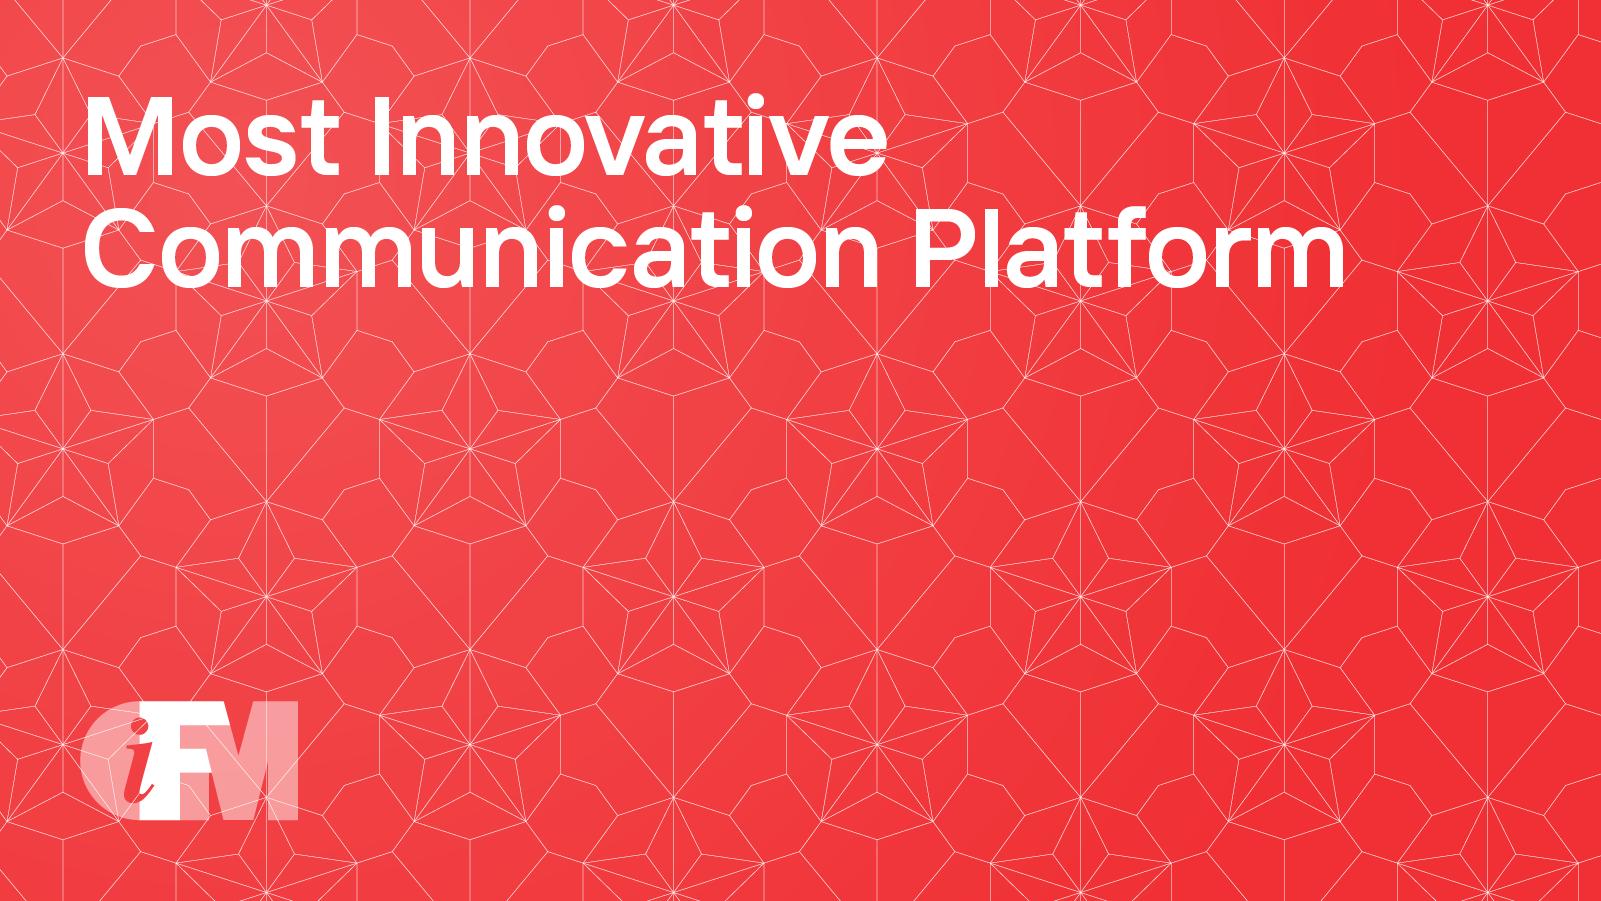 Most Innovative Communication Platform